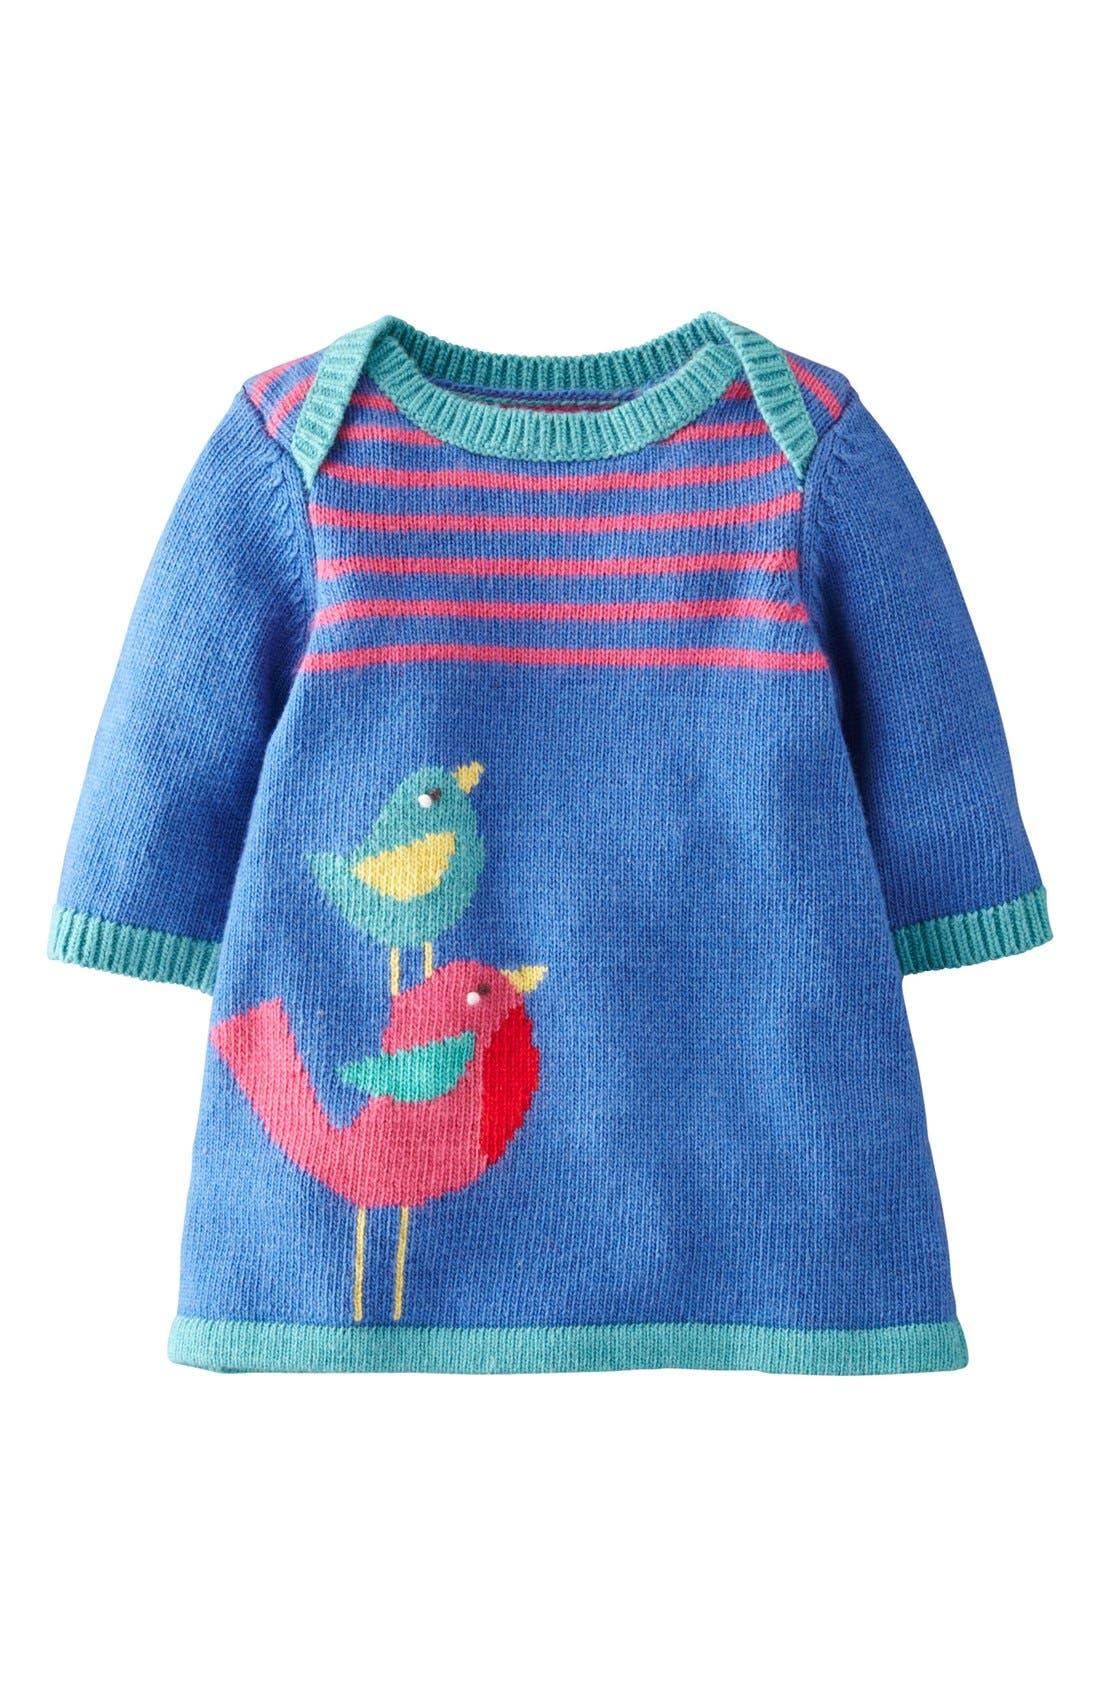 Main Image - Mini Boden 'My Baby' Intarsia Sweater Dress (Baby Girls)